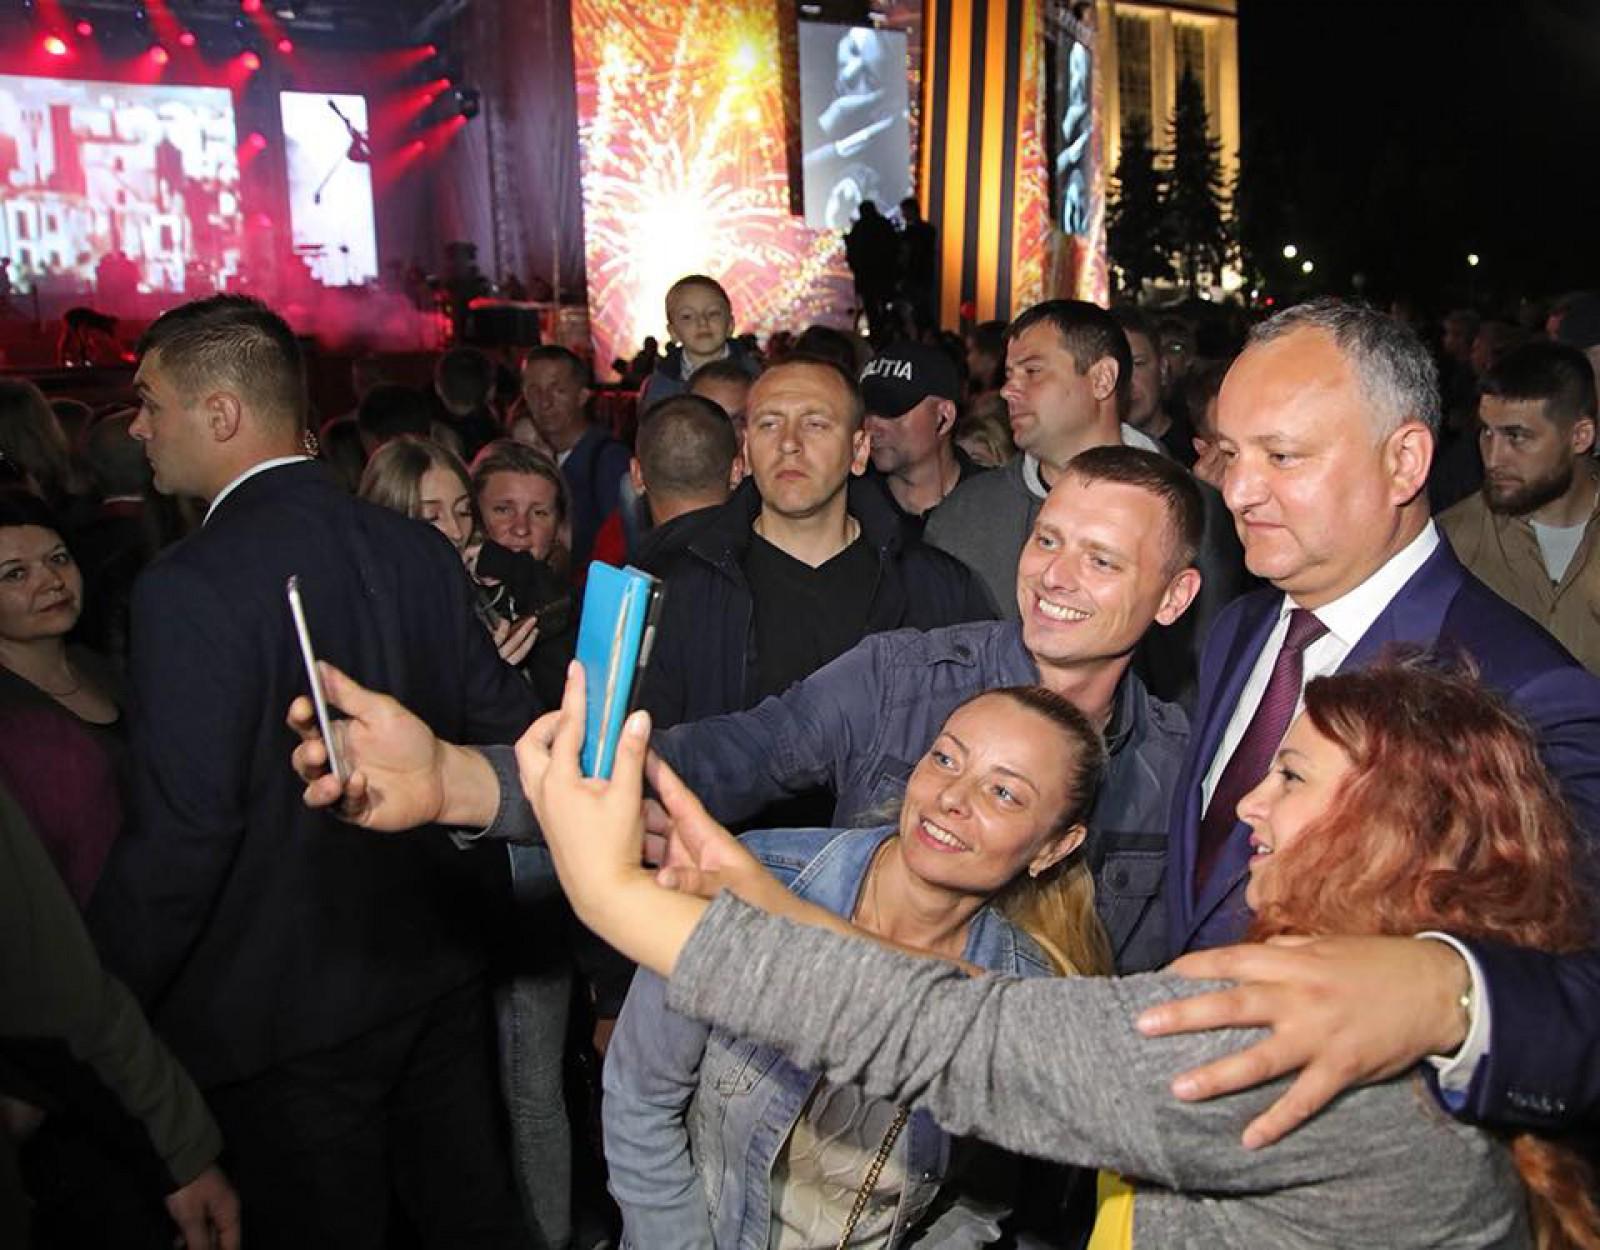 """(foto/video) Chișinăuienii, deranjați de concertul din PMAN și zgomotoasele focuri de artificii: """"A sunat ca un adevărat război. Asta e terorism, măi băieți"""". Dodon: Atmosfera a fost incendiară"""